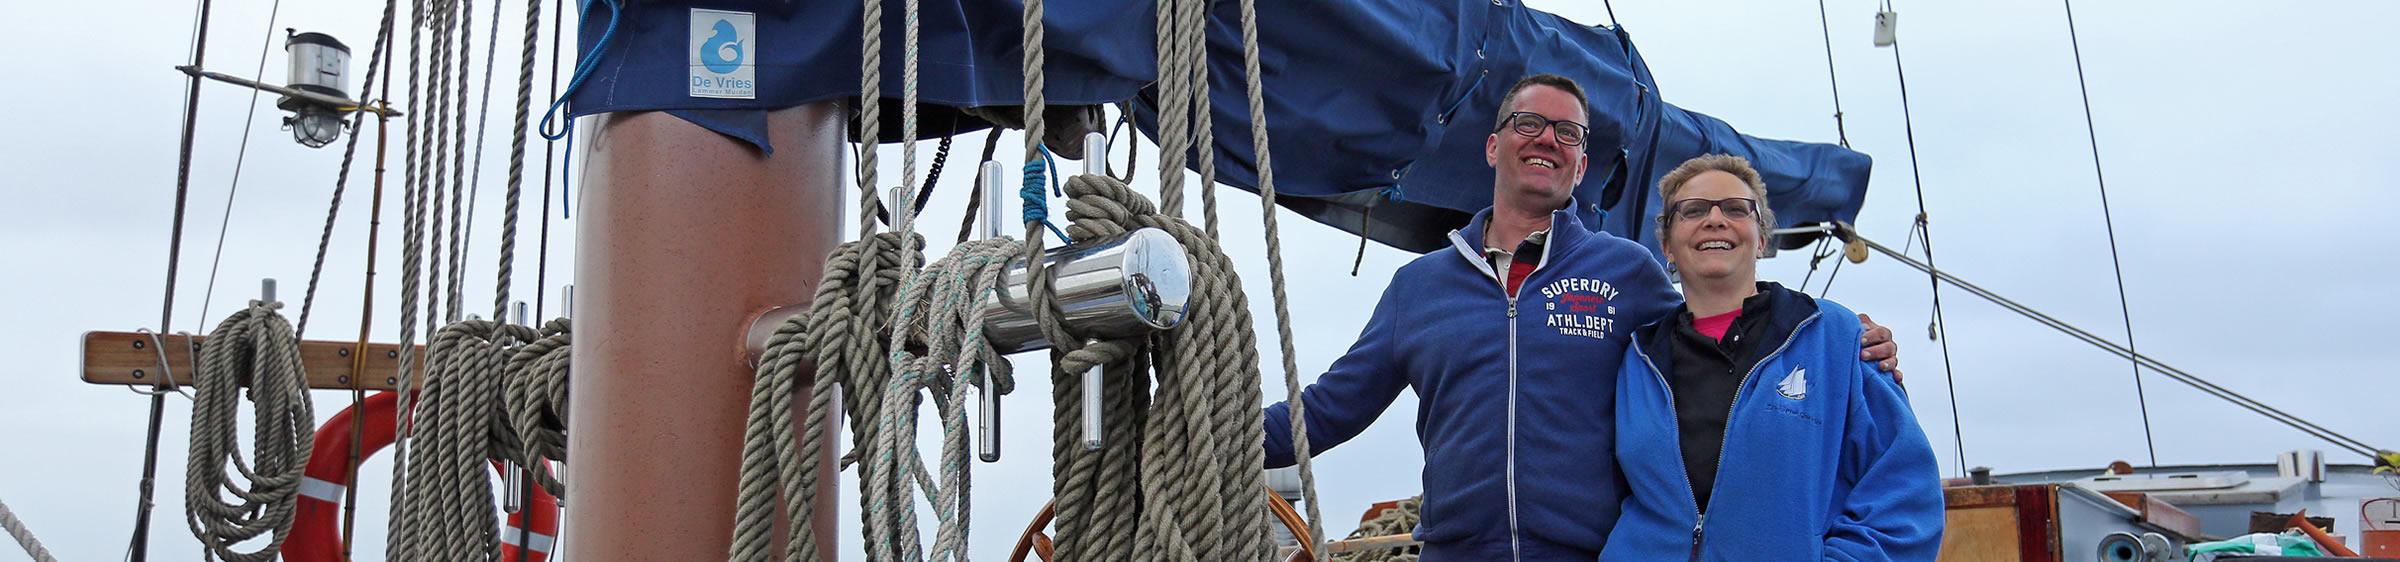 Bemanning van de Gouwzee Steffie Kranz en Evert Jan Muurling